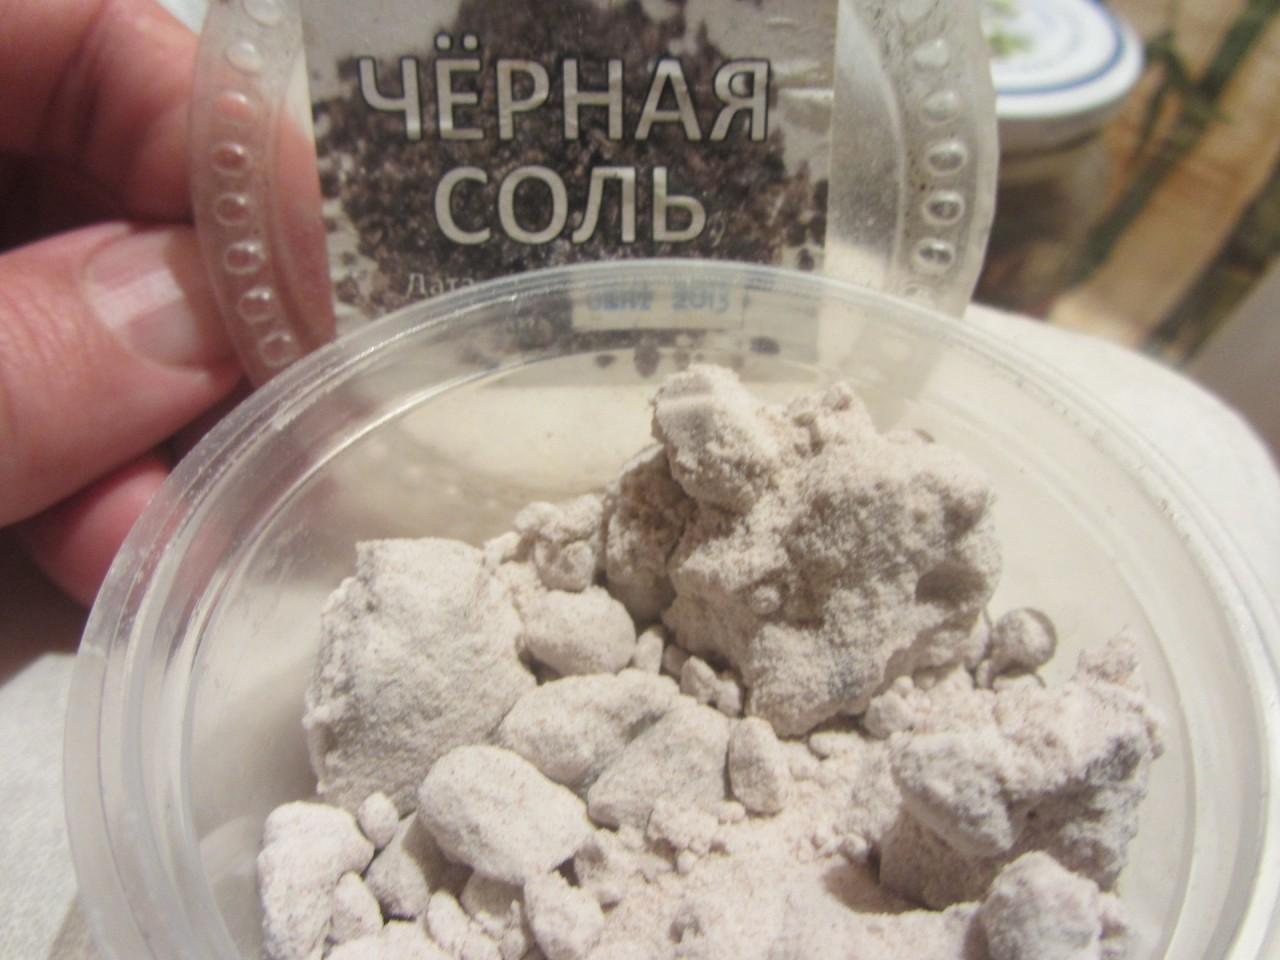 Польза черной соли, Черная соль в медицине и Аюрведе, Вред черной соли, Лечение четверговой солью,